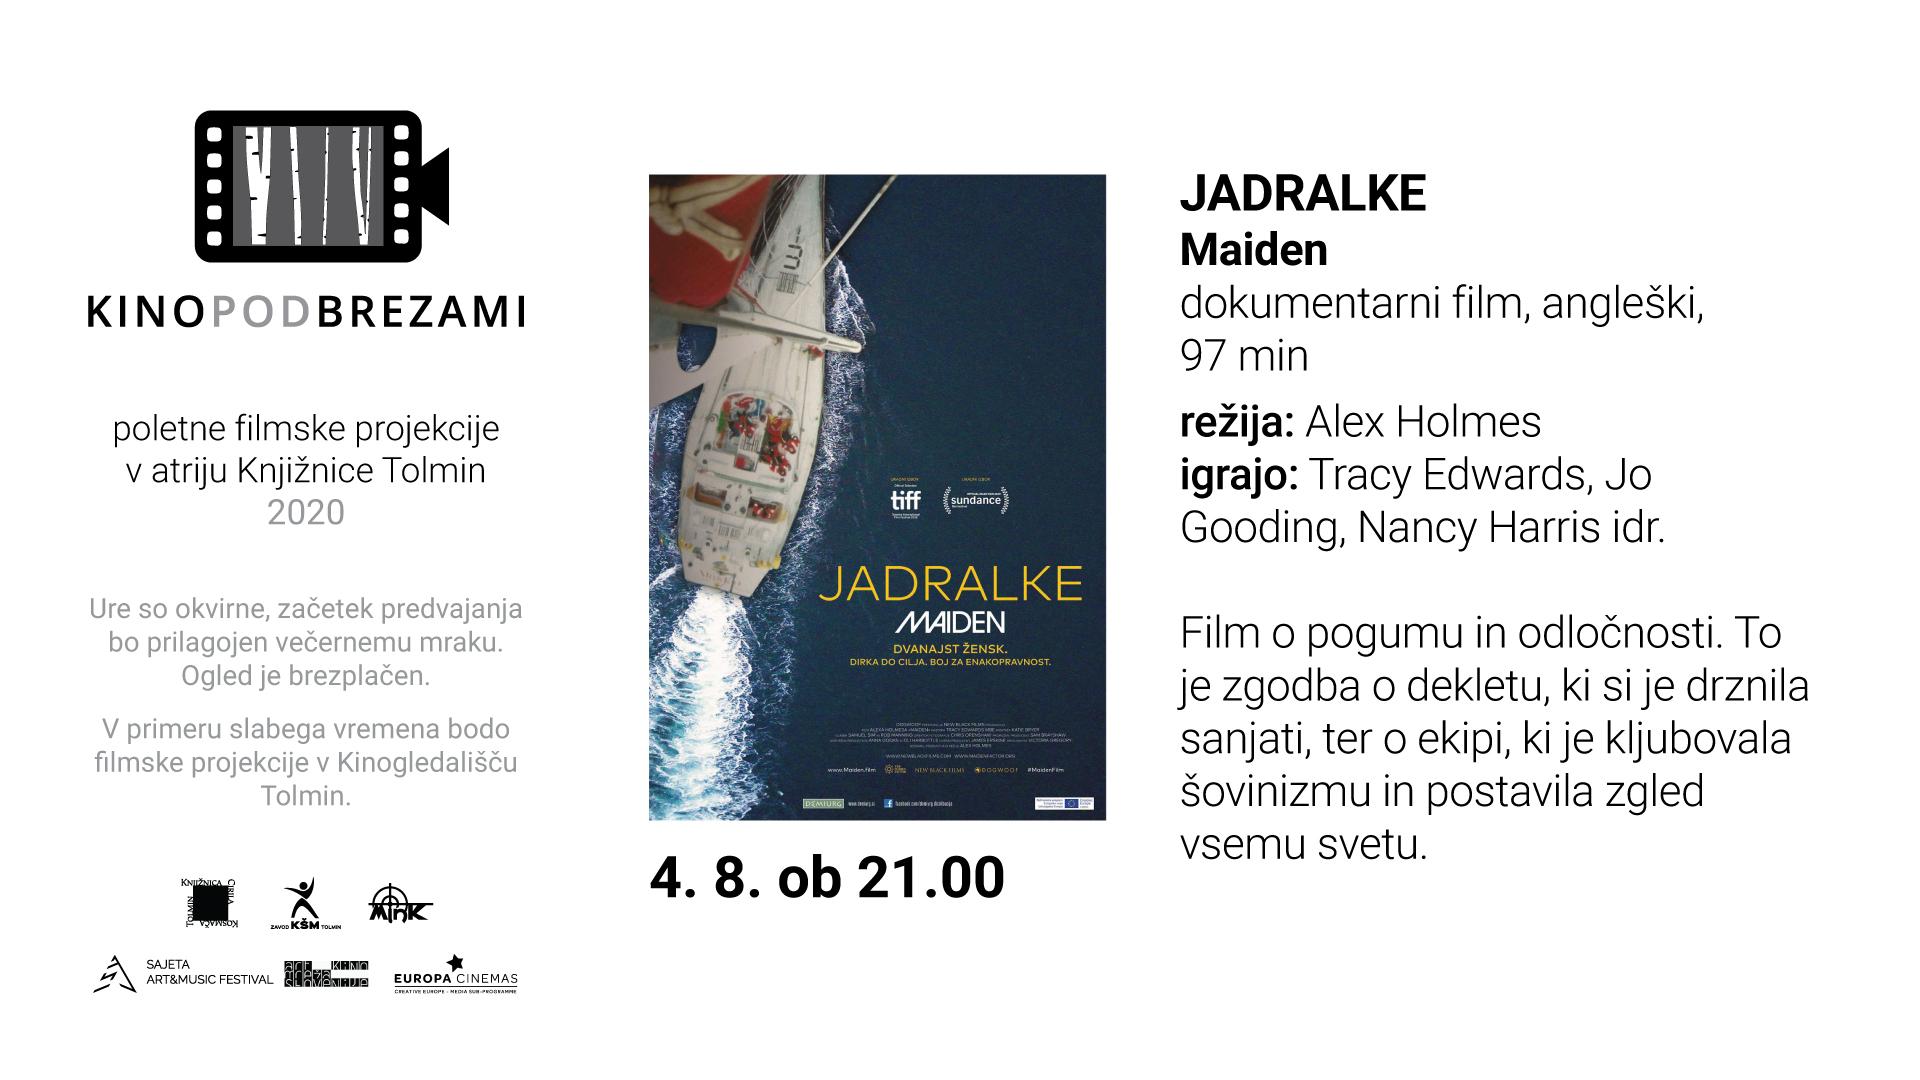 Kino pod brezami: JADRALKE (dokumentarec)